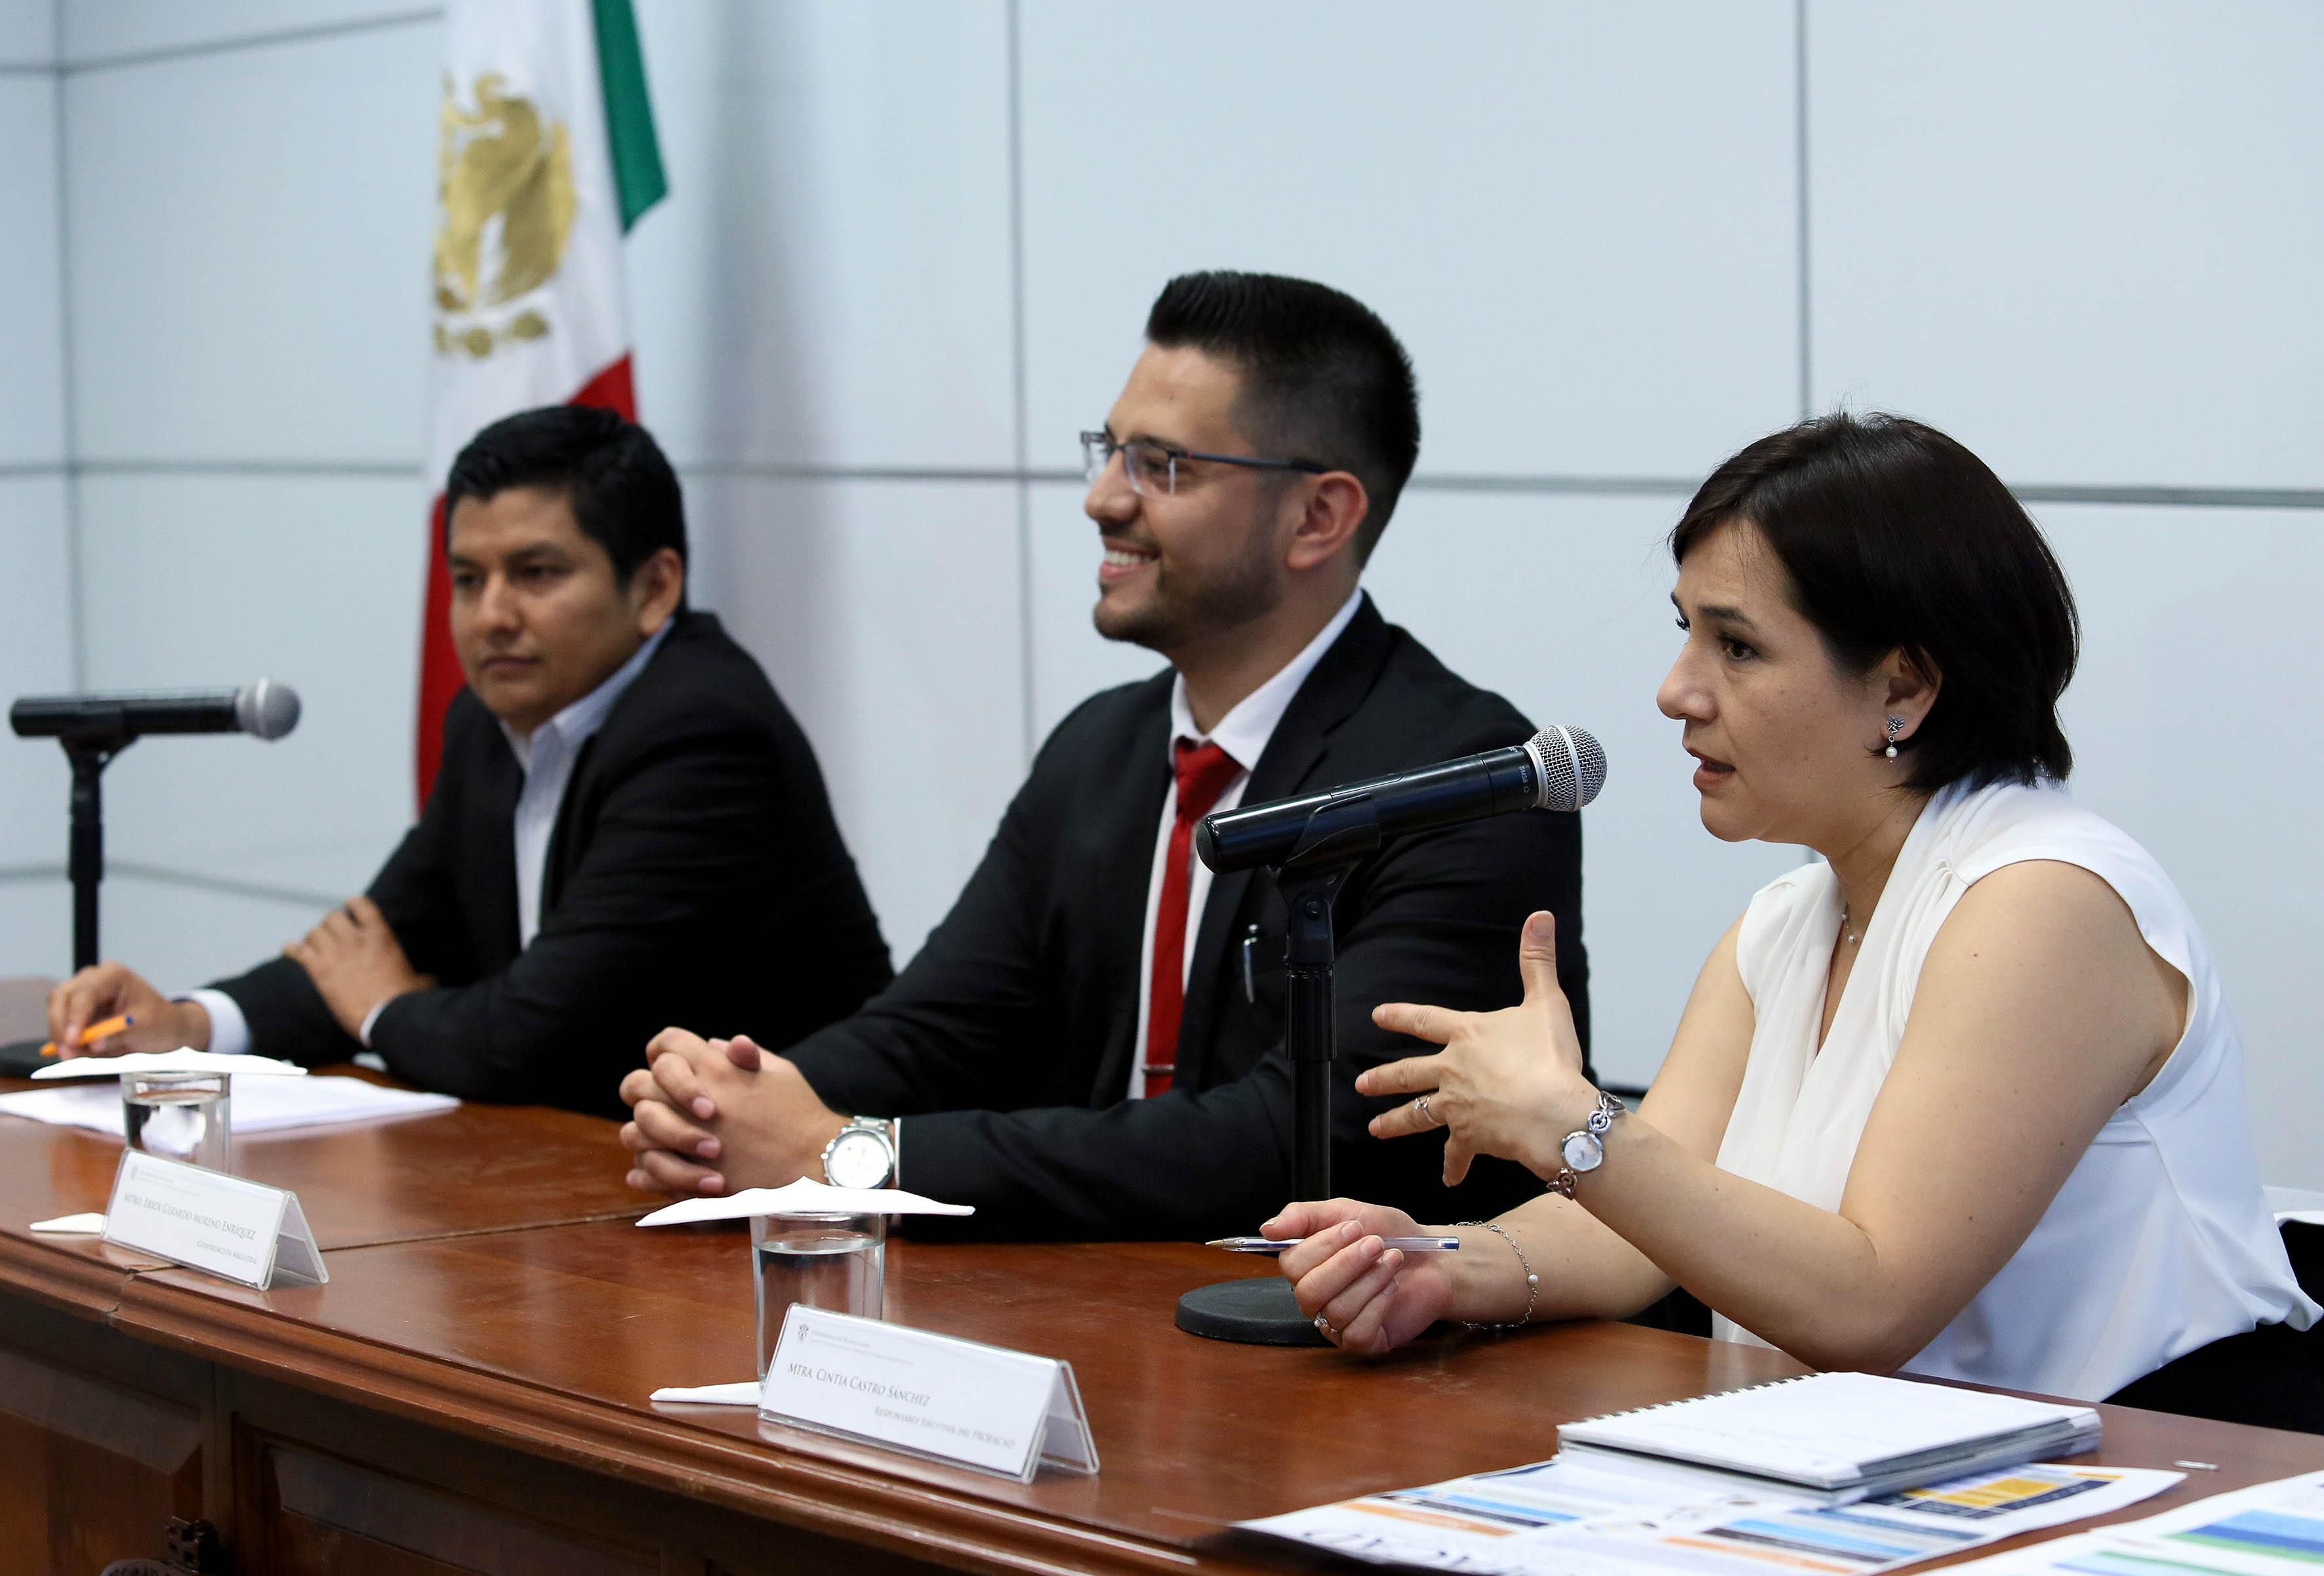 Mtra. Cintia Castro Sánchez, Responsable Ejecutiva de la PROFACAD, con micrófono en panel, haciendo uso de la palabra.